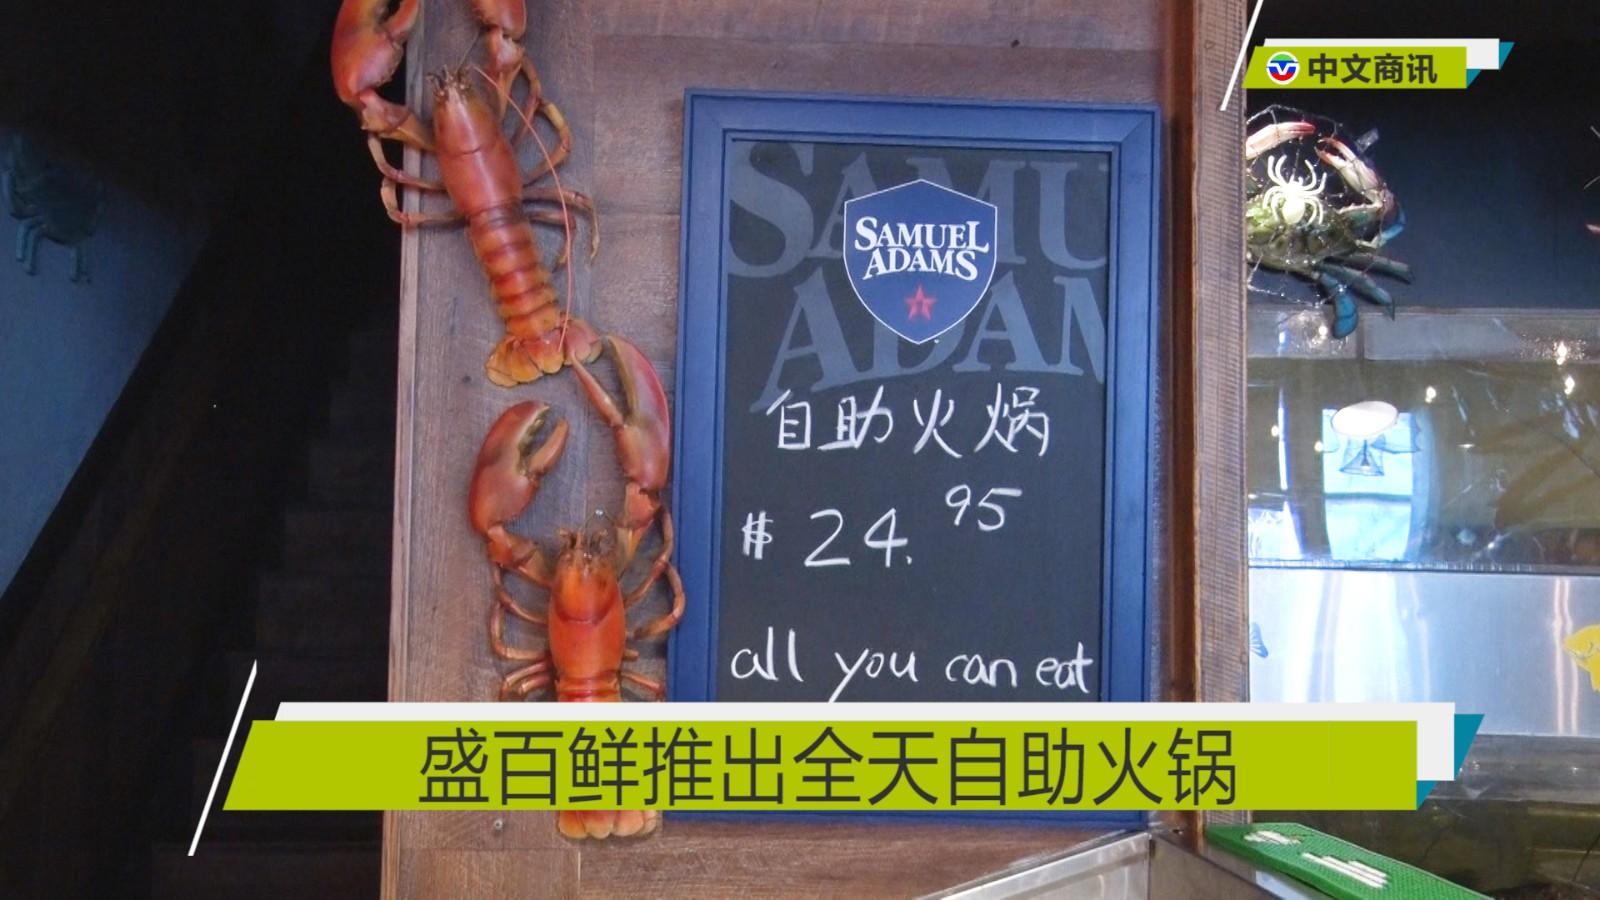 【视频】盛百鲜推出全天自助火锅